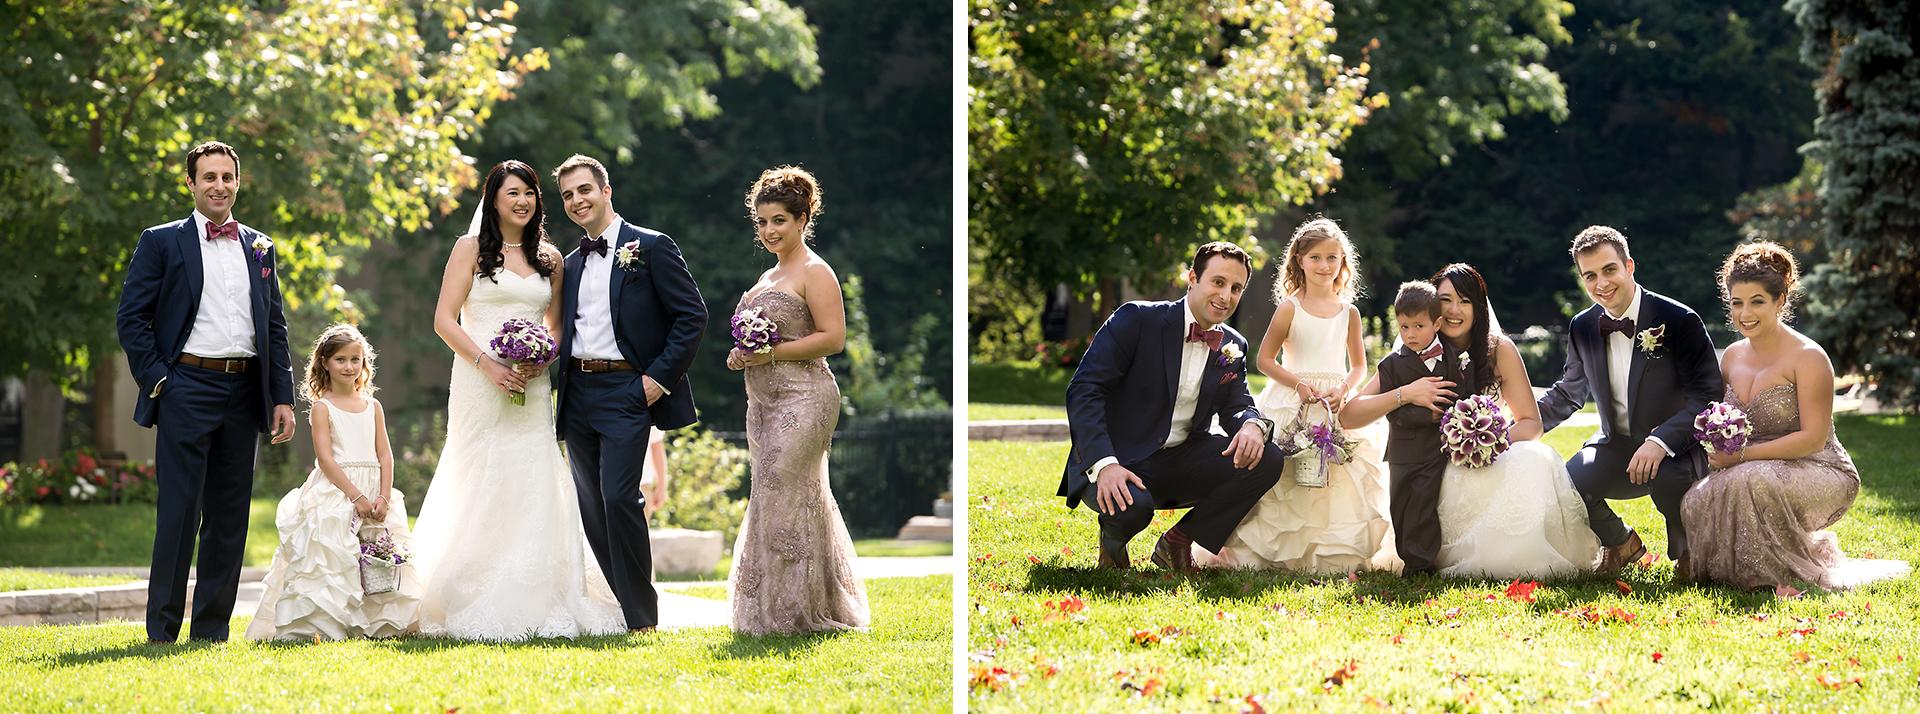 Costas & Erin | Palais Royale Wedding | Toronto Wedding Photography24